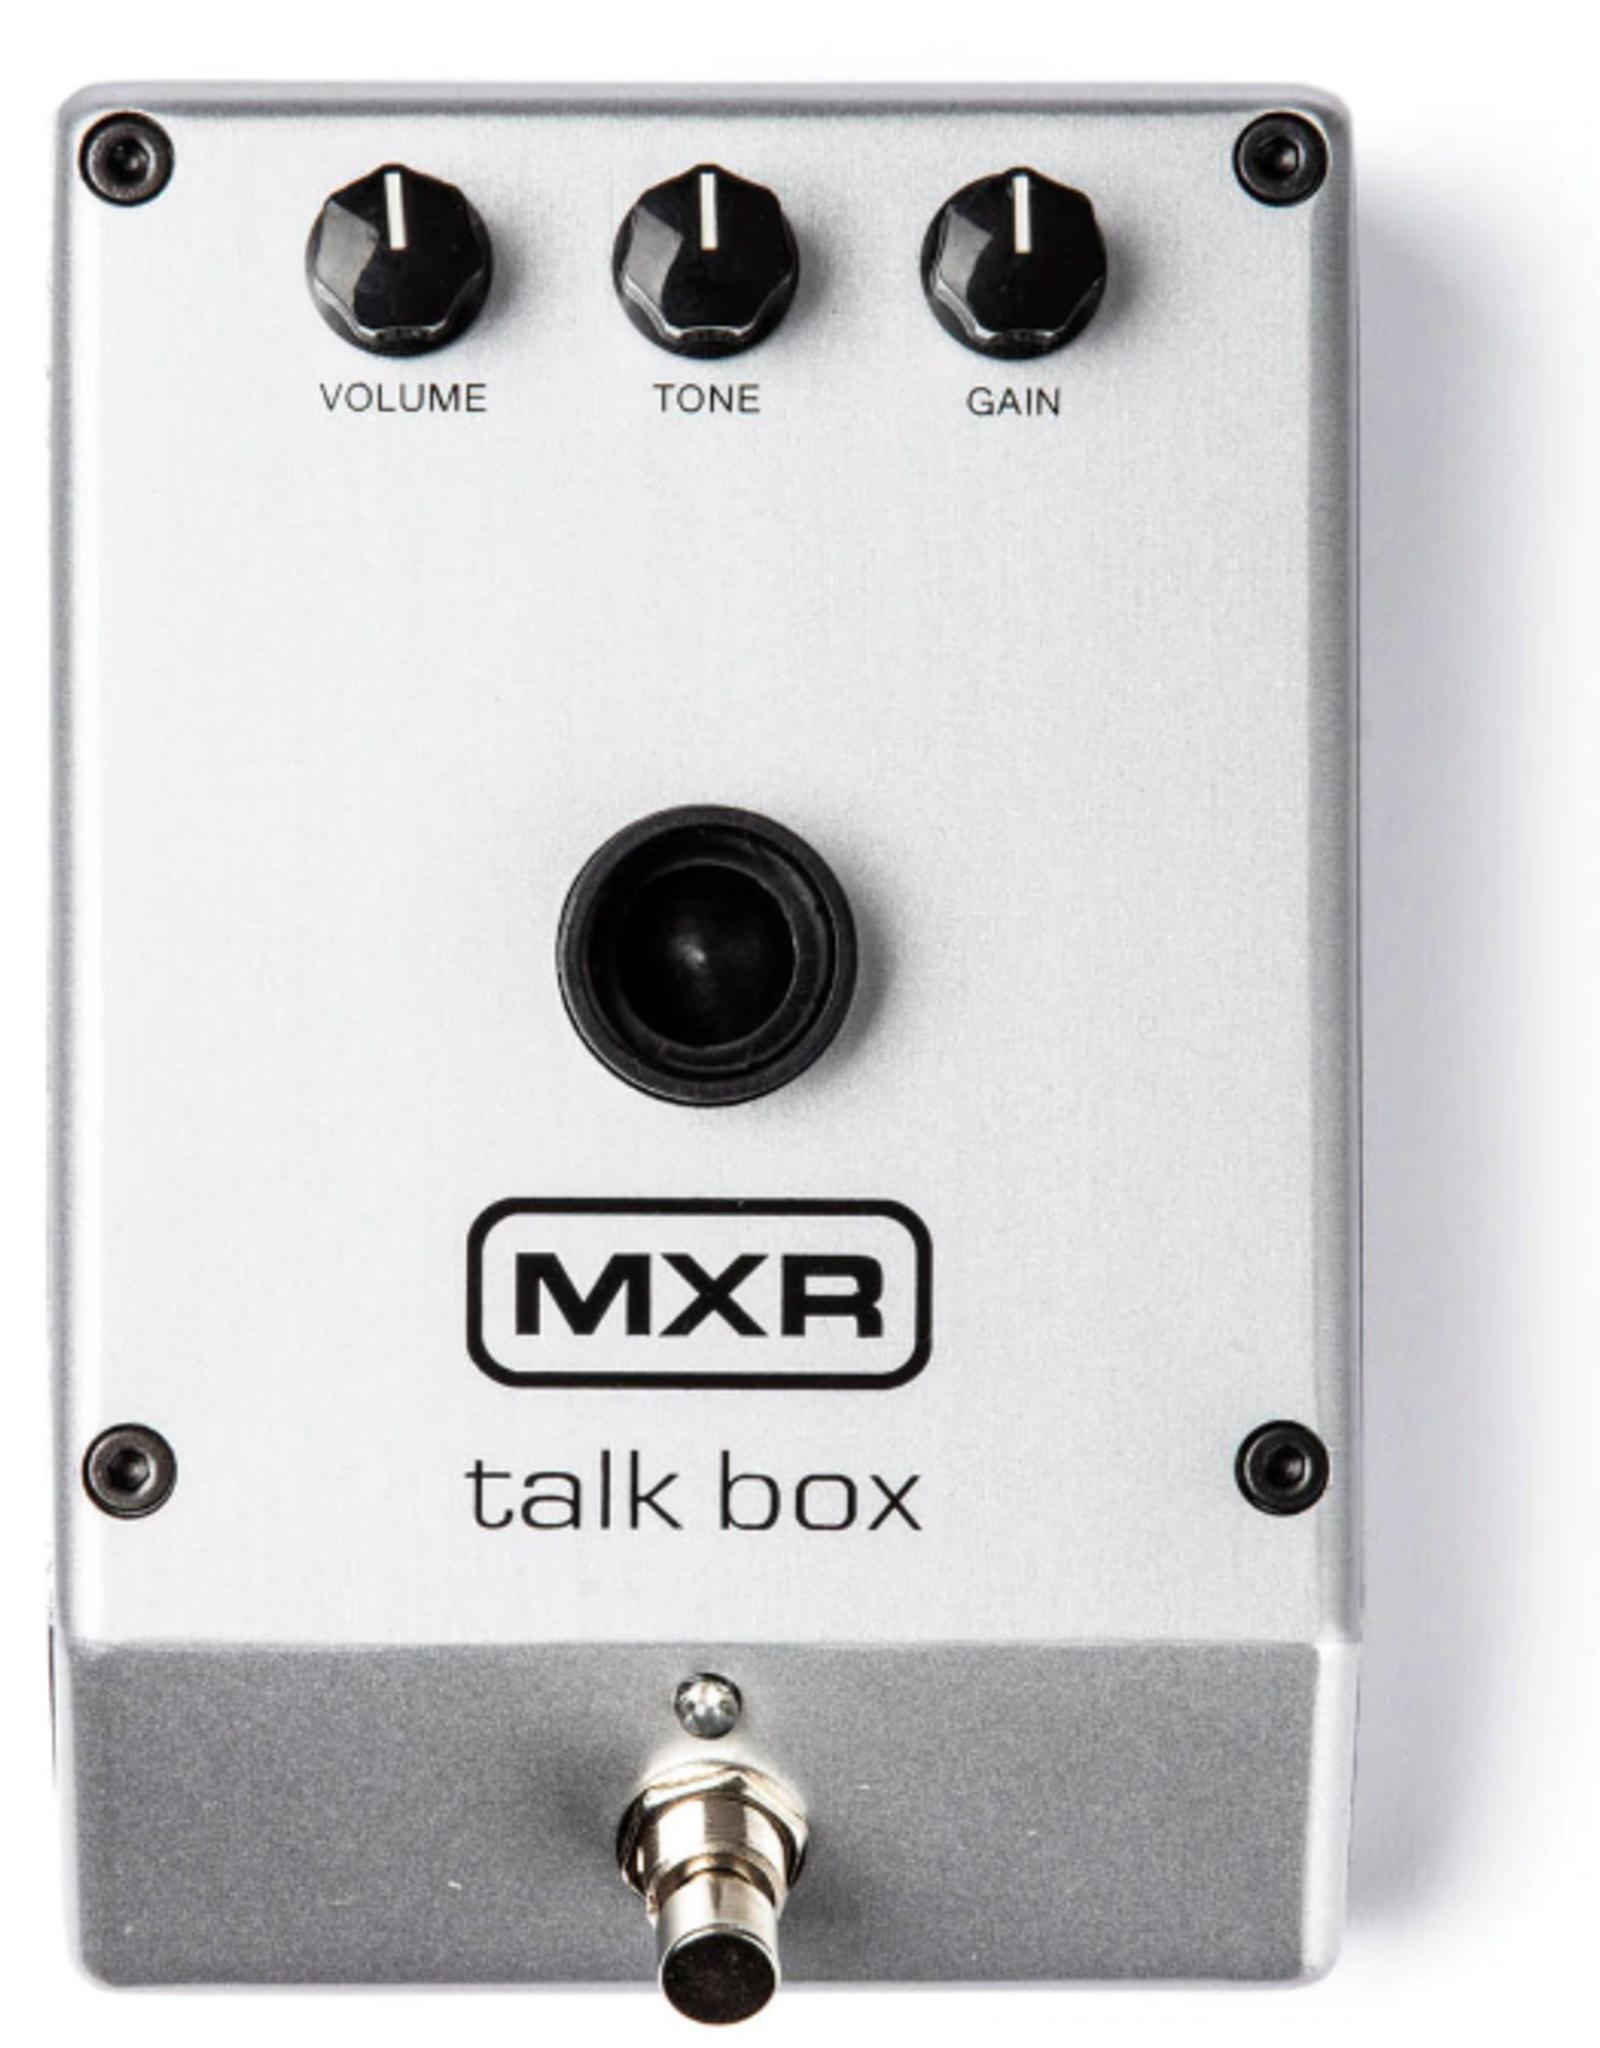 MXR MXR TALKBOX